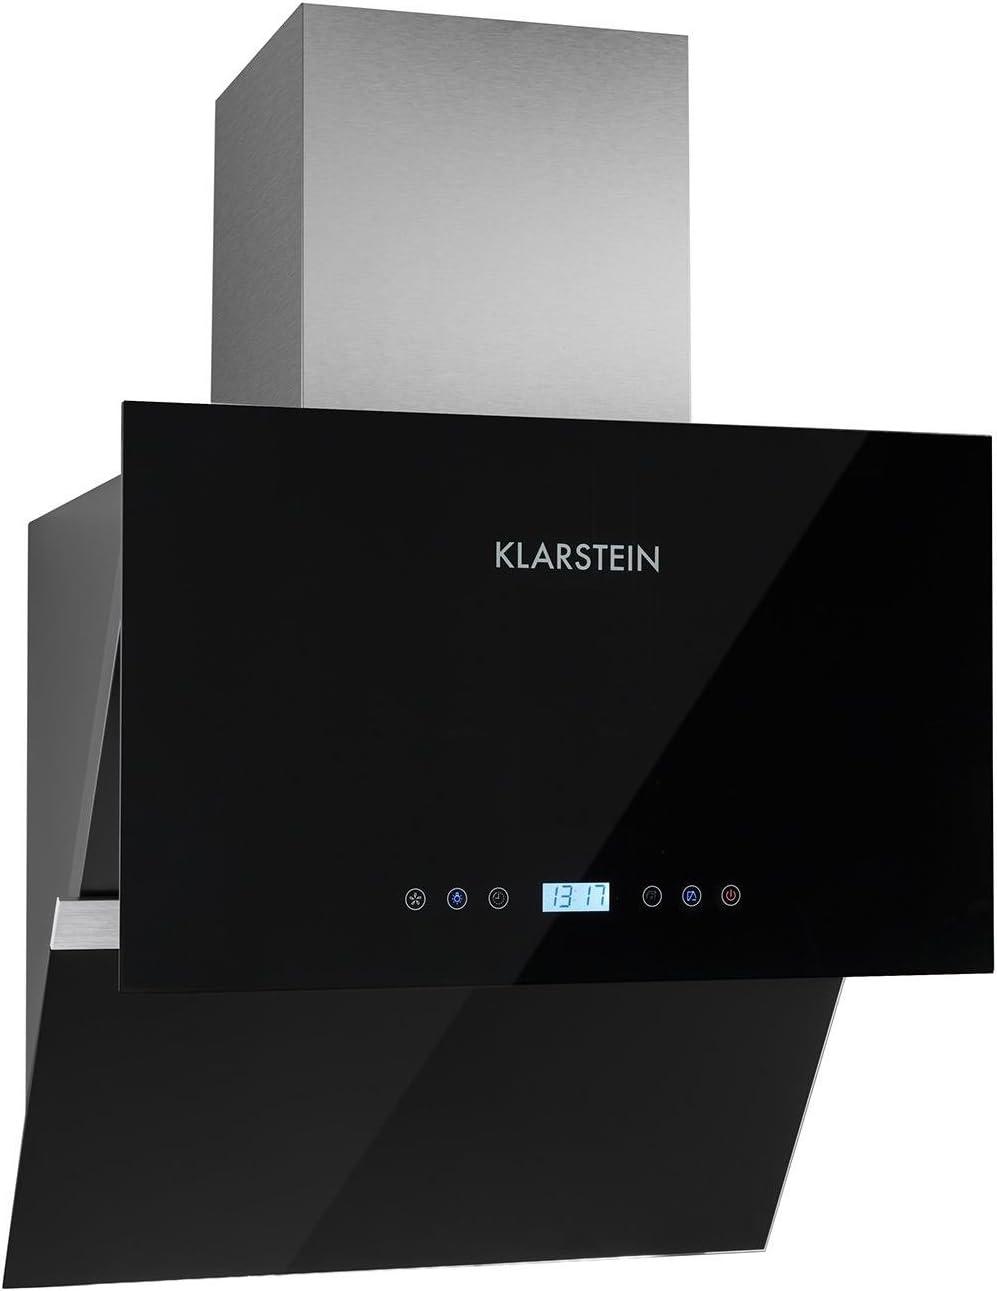 Klarstein Aurea VII - Campana extractora, Extractor, Extractor de pared, Aspiración/Ventilación, 3 Niveles, Potencia 620 m³/h, Panel táctil, Montaje en pared, 60 cm, Control remoto, Negro